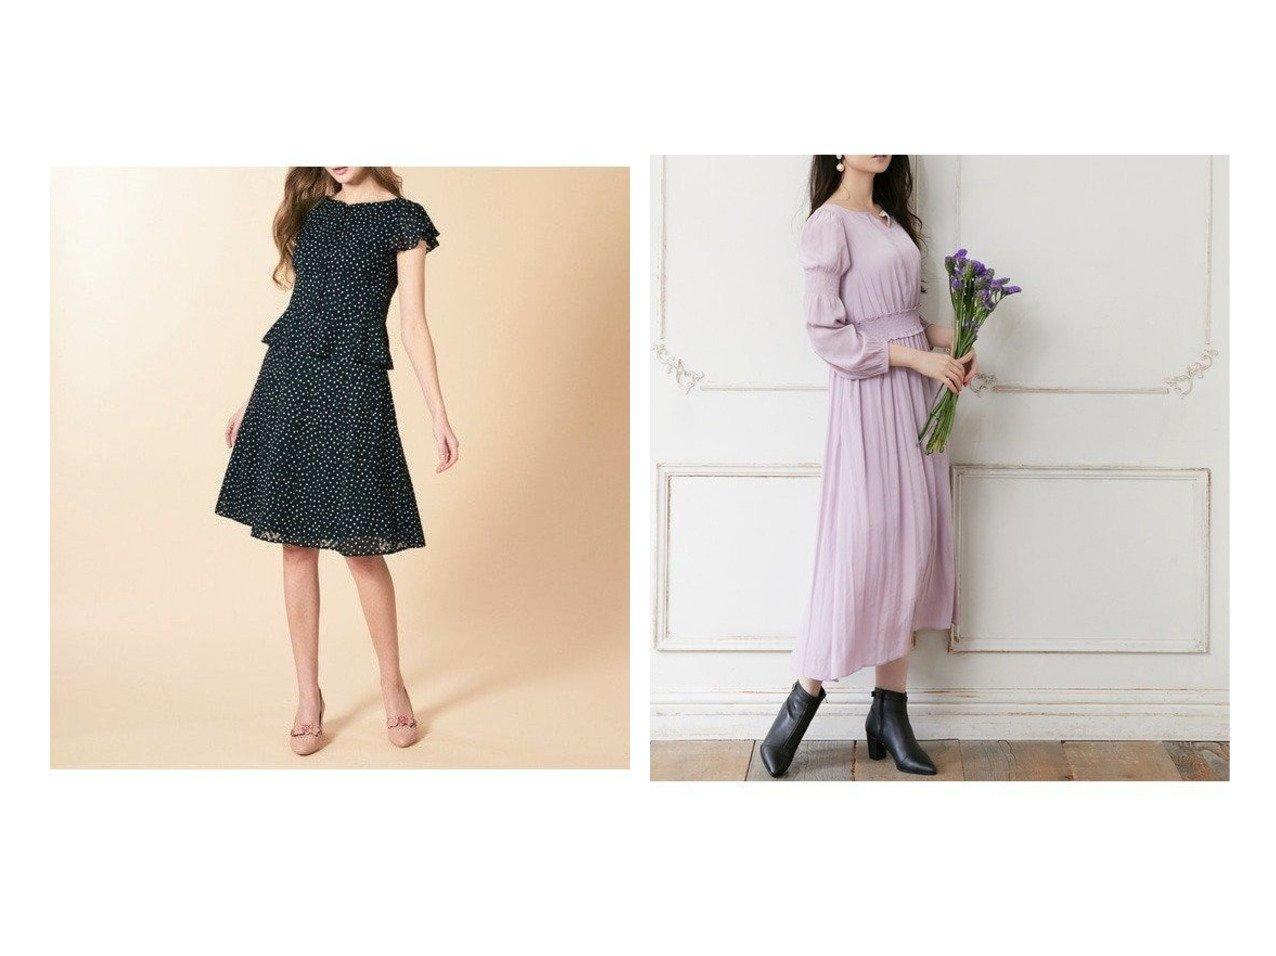 【TOCCA/トッカ】の【TOCCA LAVENDER】Blanc Bijoux Dress ドレス&【洗える!】APRES MIDI スカート TOCCAのおすすめ!人気、トレンド・レディースファッションの通販  おすすめで人気の流行・トレンド、ファッションの通販商品 メンズファッション・キッズファッション・インテリア・家具・レディースファッション・服の通販 founy(ファニー) https://founy.com/ ファッション Fashion レディースファッション WOMEN スカート Skirt ワンピース Dress ドレス Party Dresses 送料無料 Free Shipping 洗える ドレス  ID:crp329100000017763